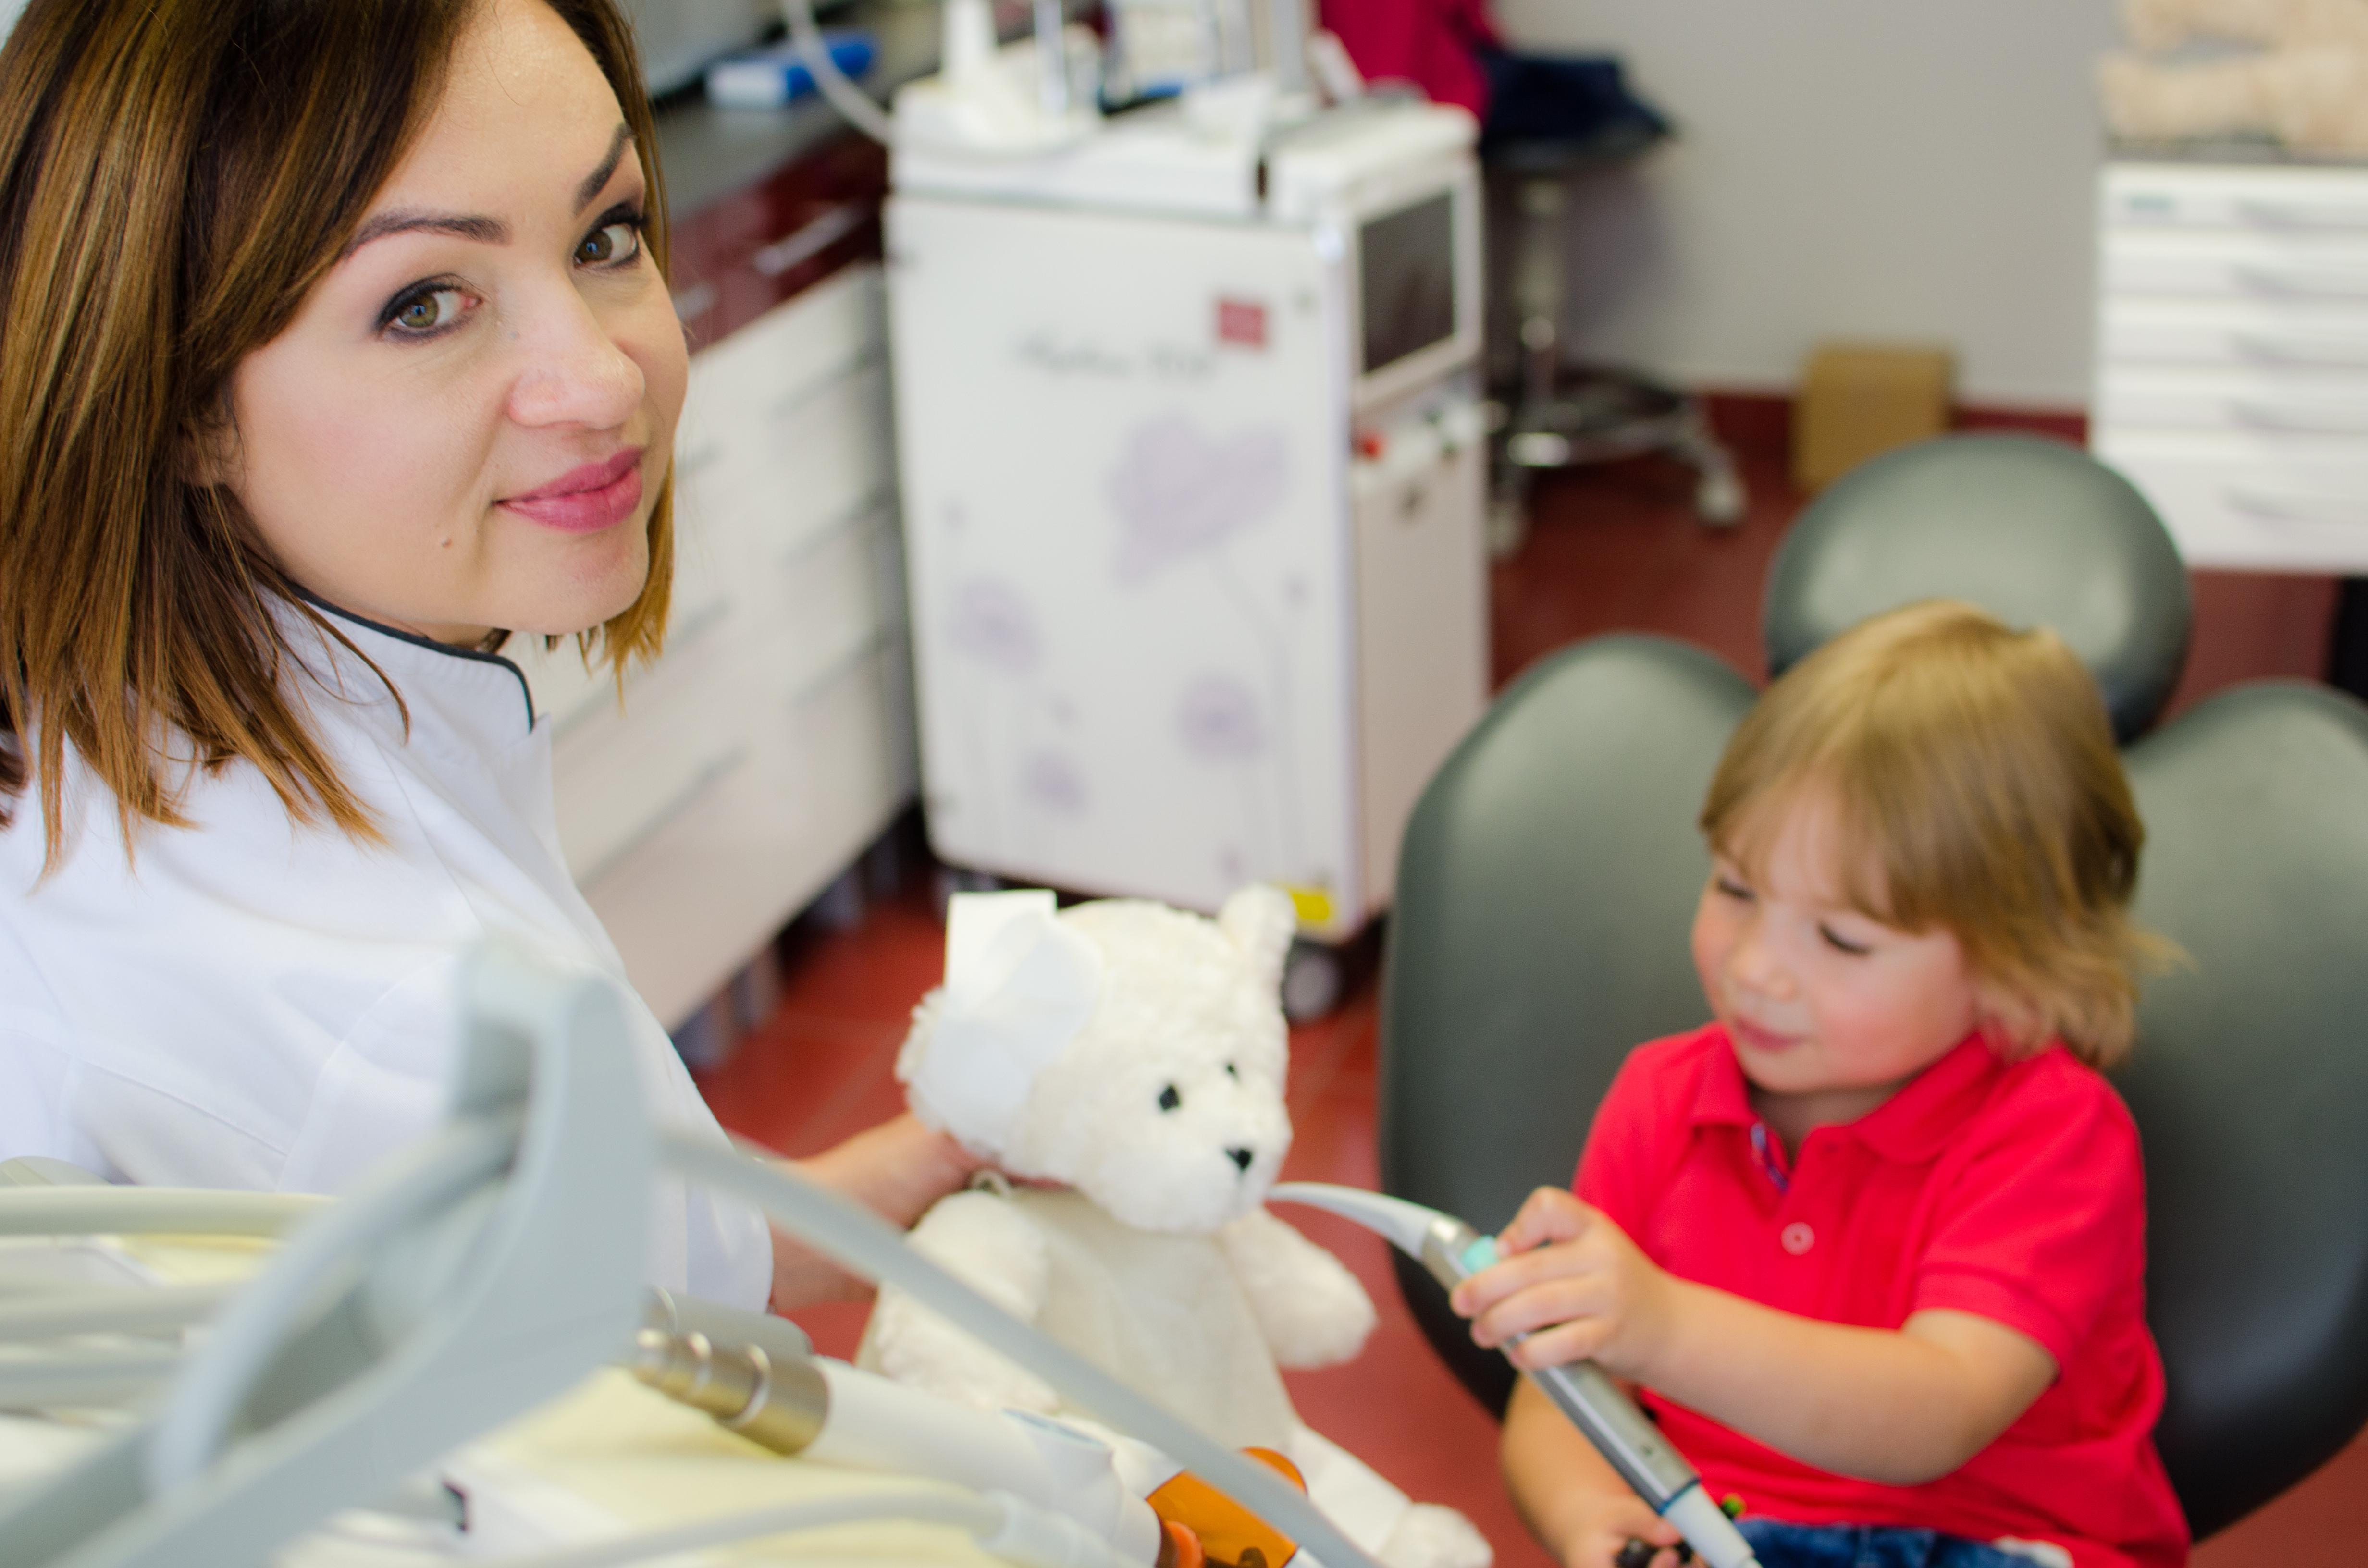 wizyta u ortodonty, fot. mamaortodonta